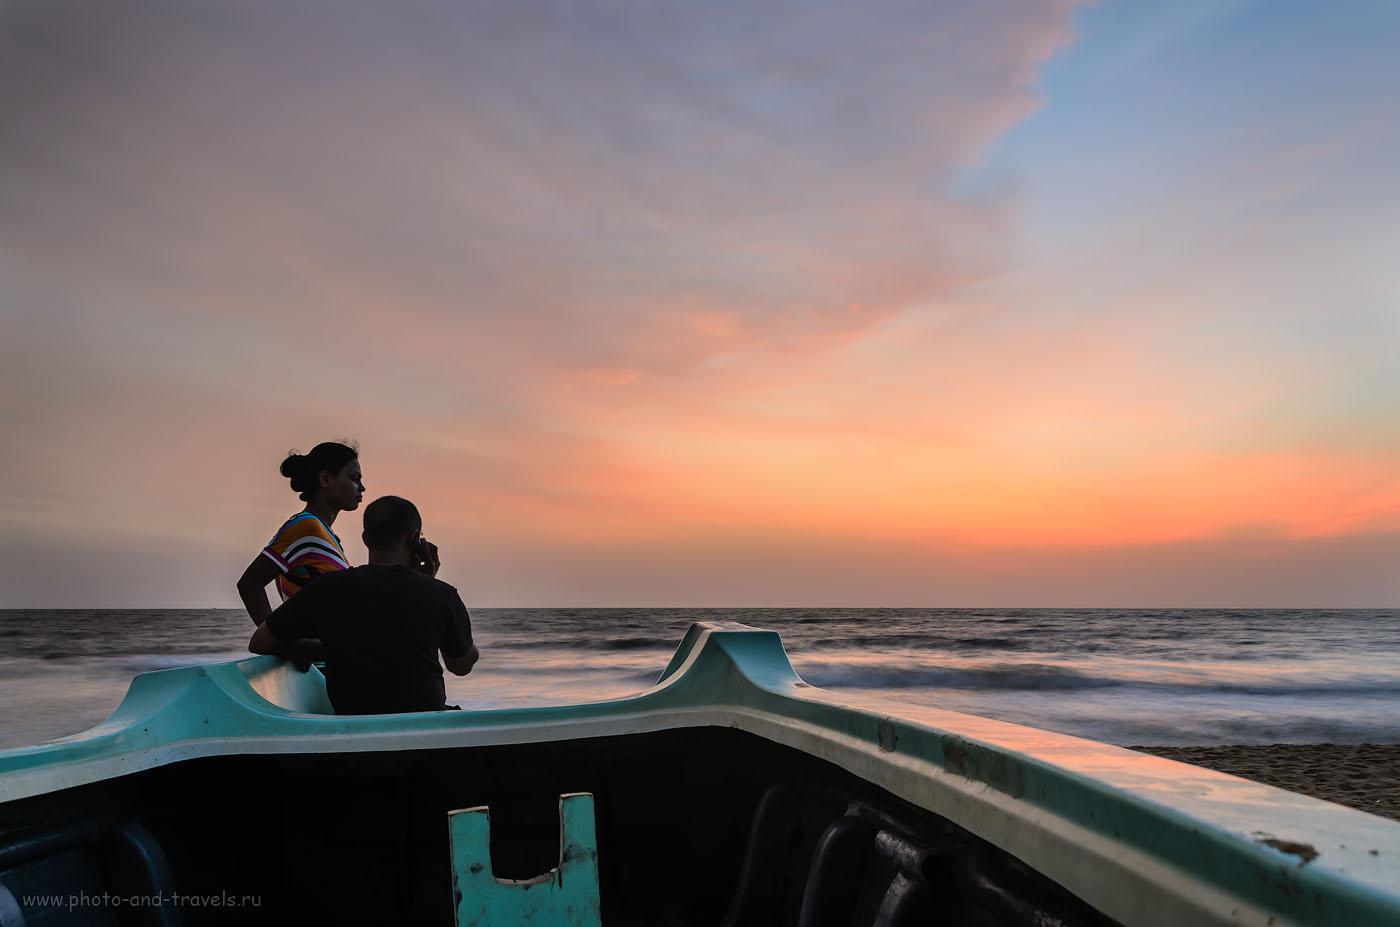 Фотография 14. Мы к тебе еще вернемся, Благословенная Земля! Шри-Ланка!